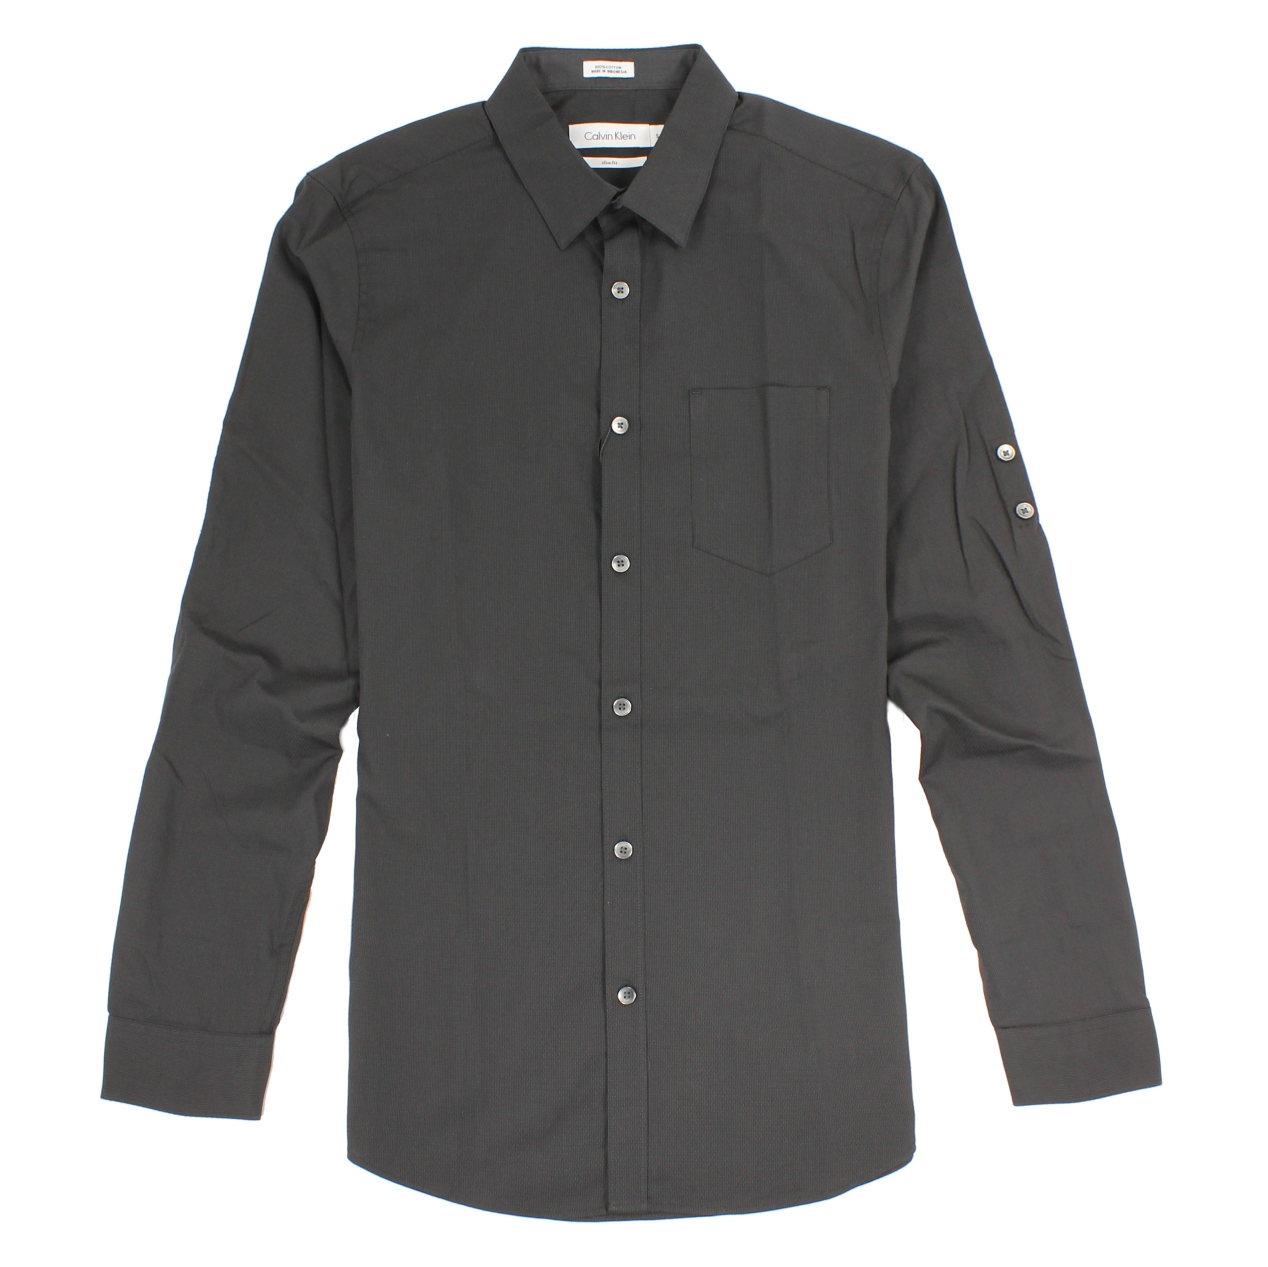 美國百分百【全新真品】Calvin Klein 襯衫 CK 男衣 長袖 上班 休閒 合身 素面 XS號 黑色 E233